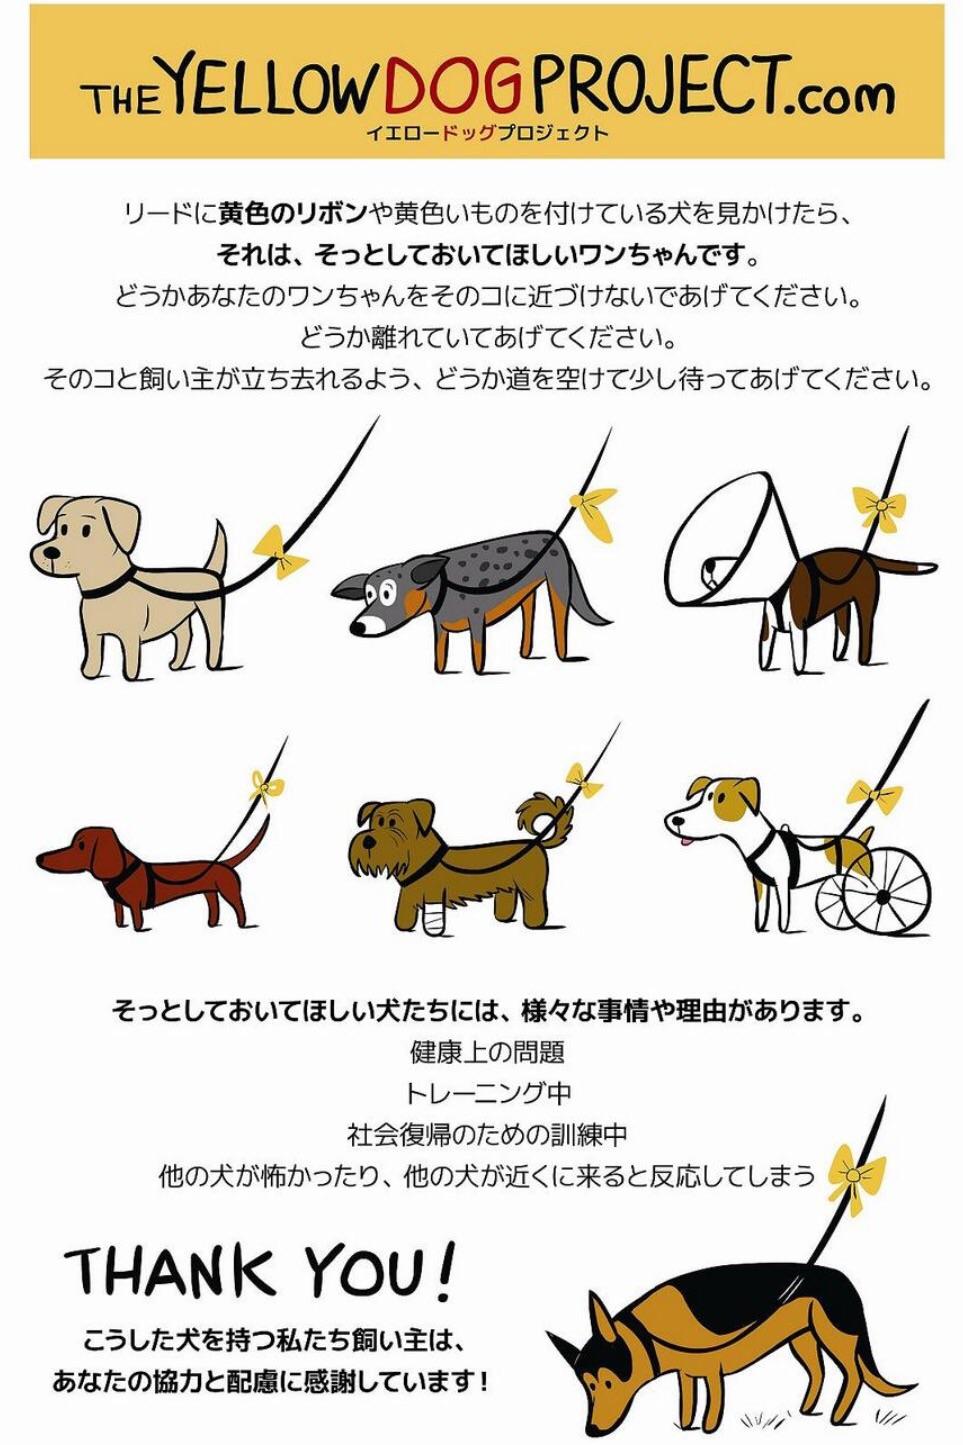 エステティックサロン rinc。の美容ブログThe Yellow Dog Project最近の投稿最近のコメントアーカイブカテゴリーメタ情報